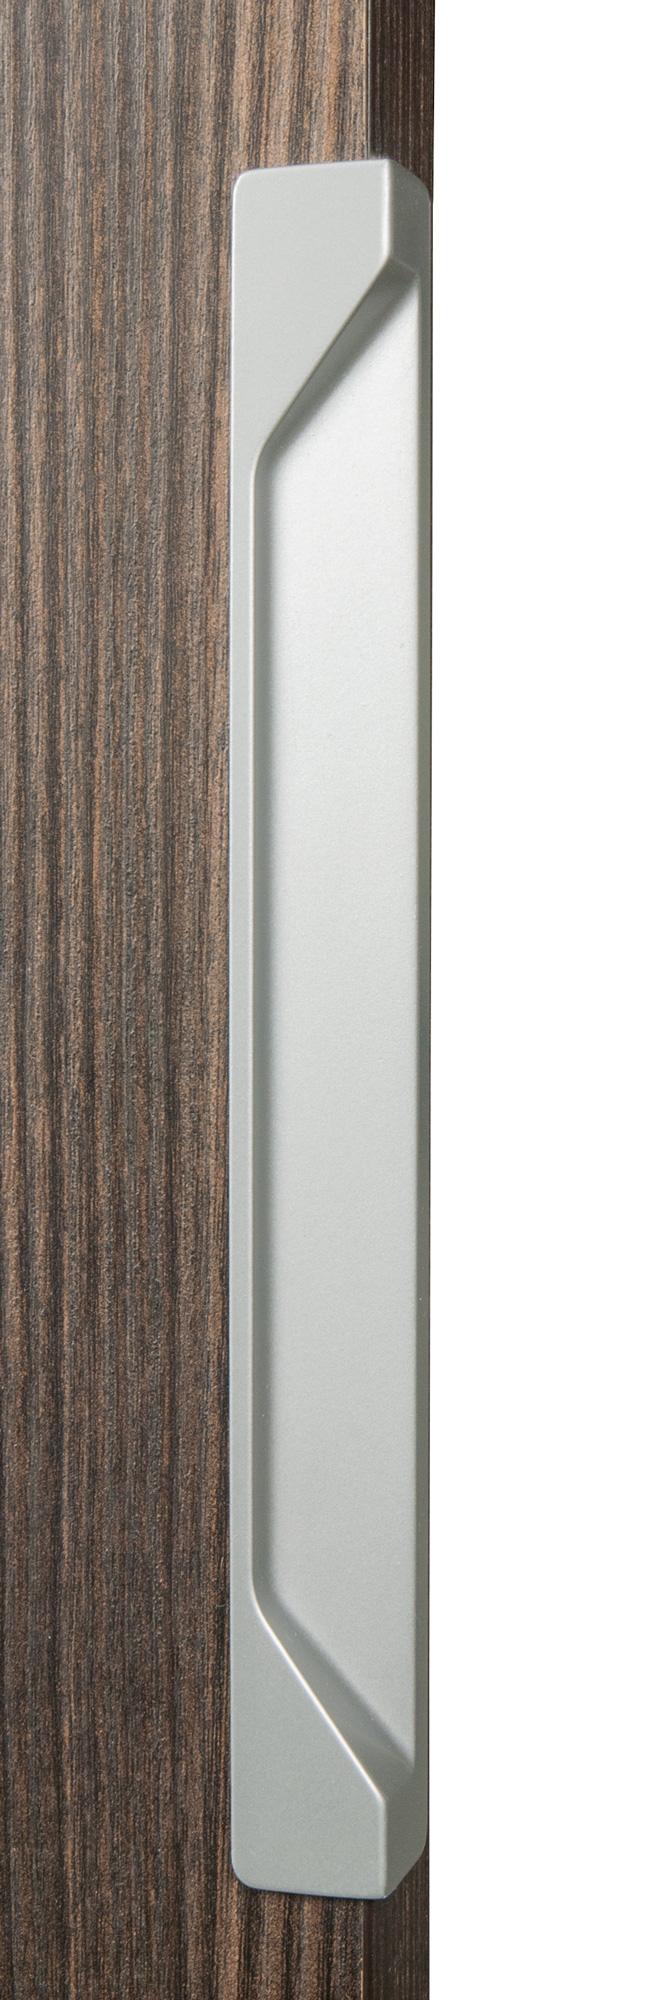 Ручка врезная мебельная, L 200мм мат.серебро